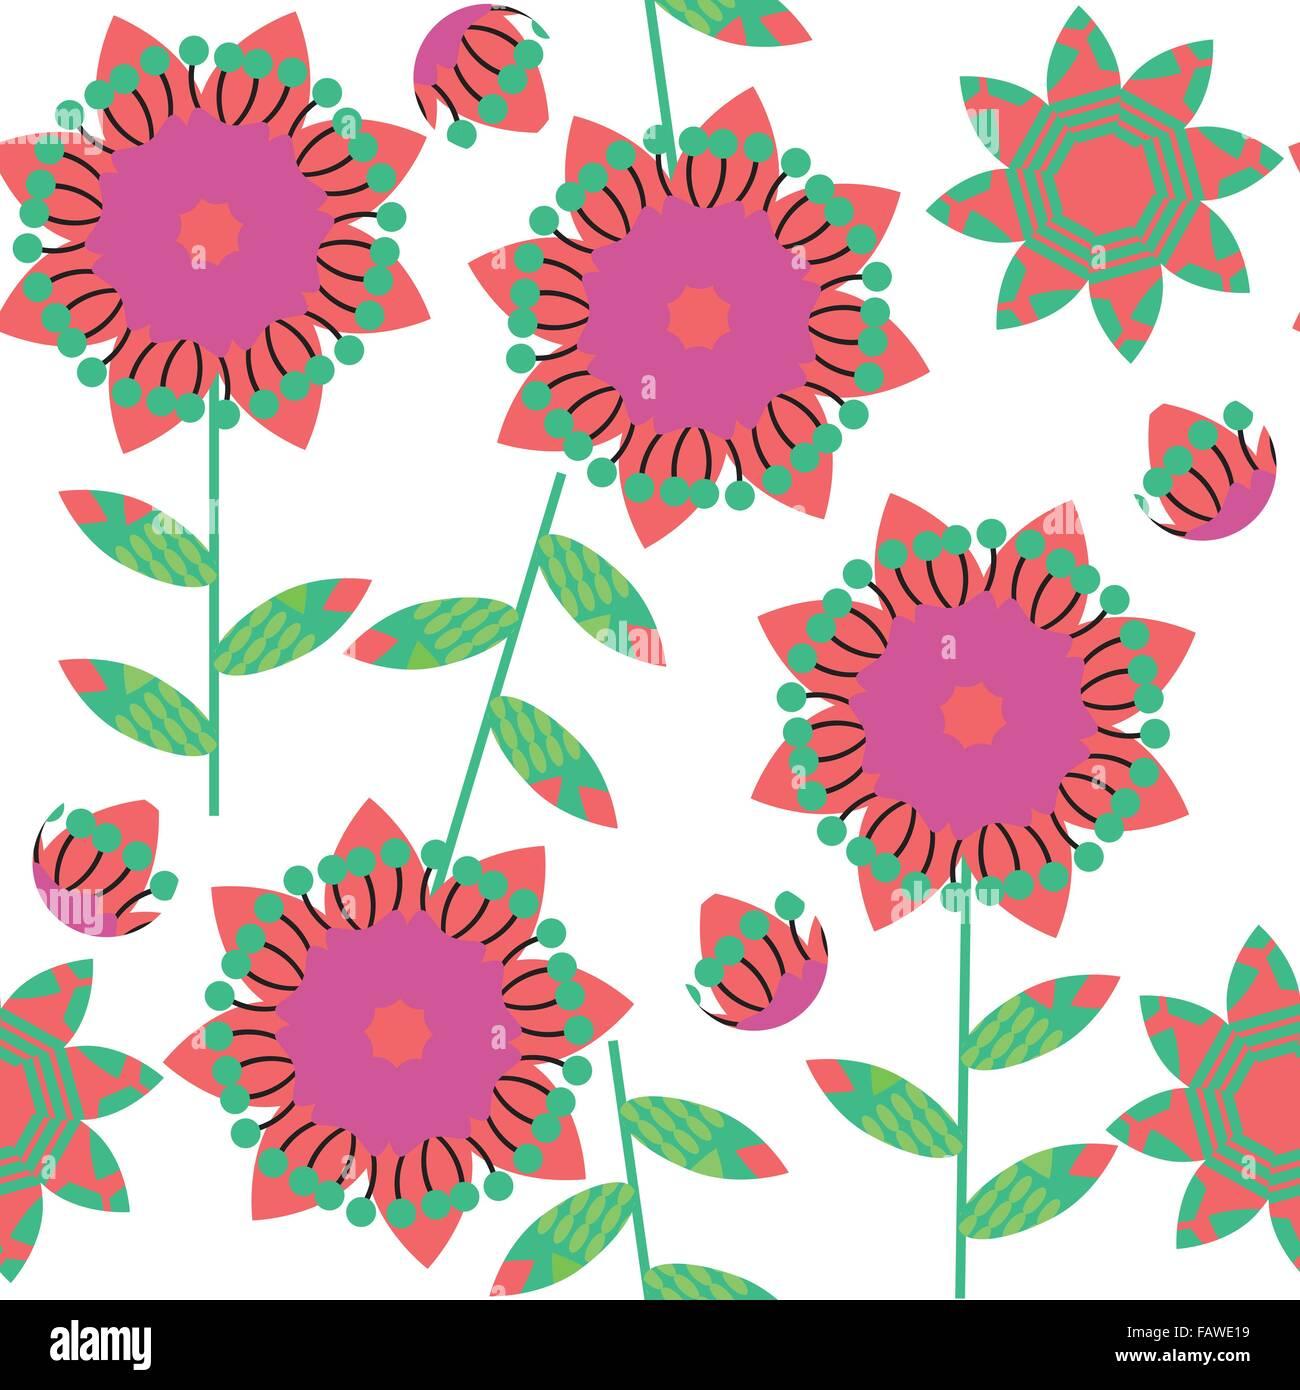 Motif floral coloré en vert transparent et couleurs rouge et sans motif dans le menu image vectorielle, swatch Illustration de Vecteur